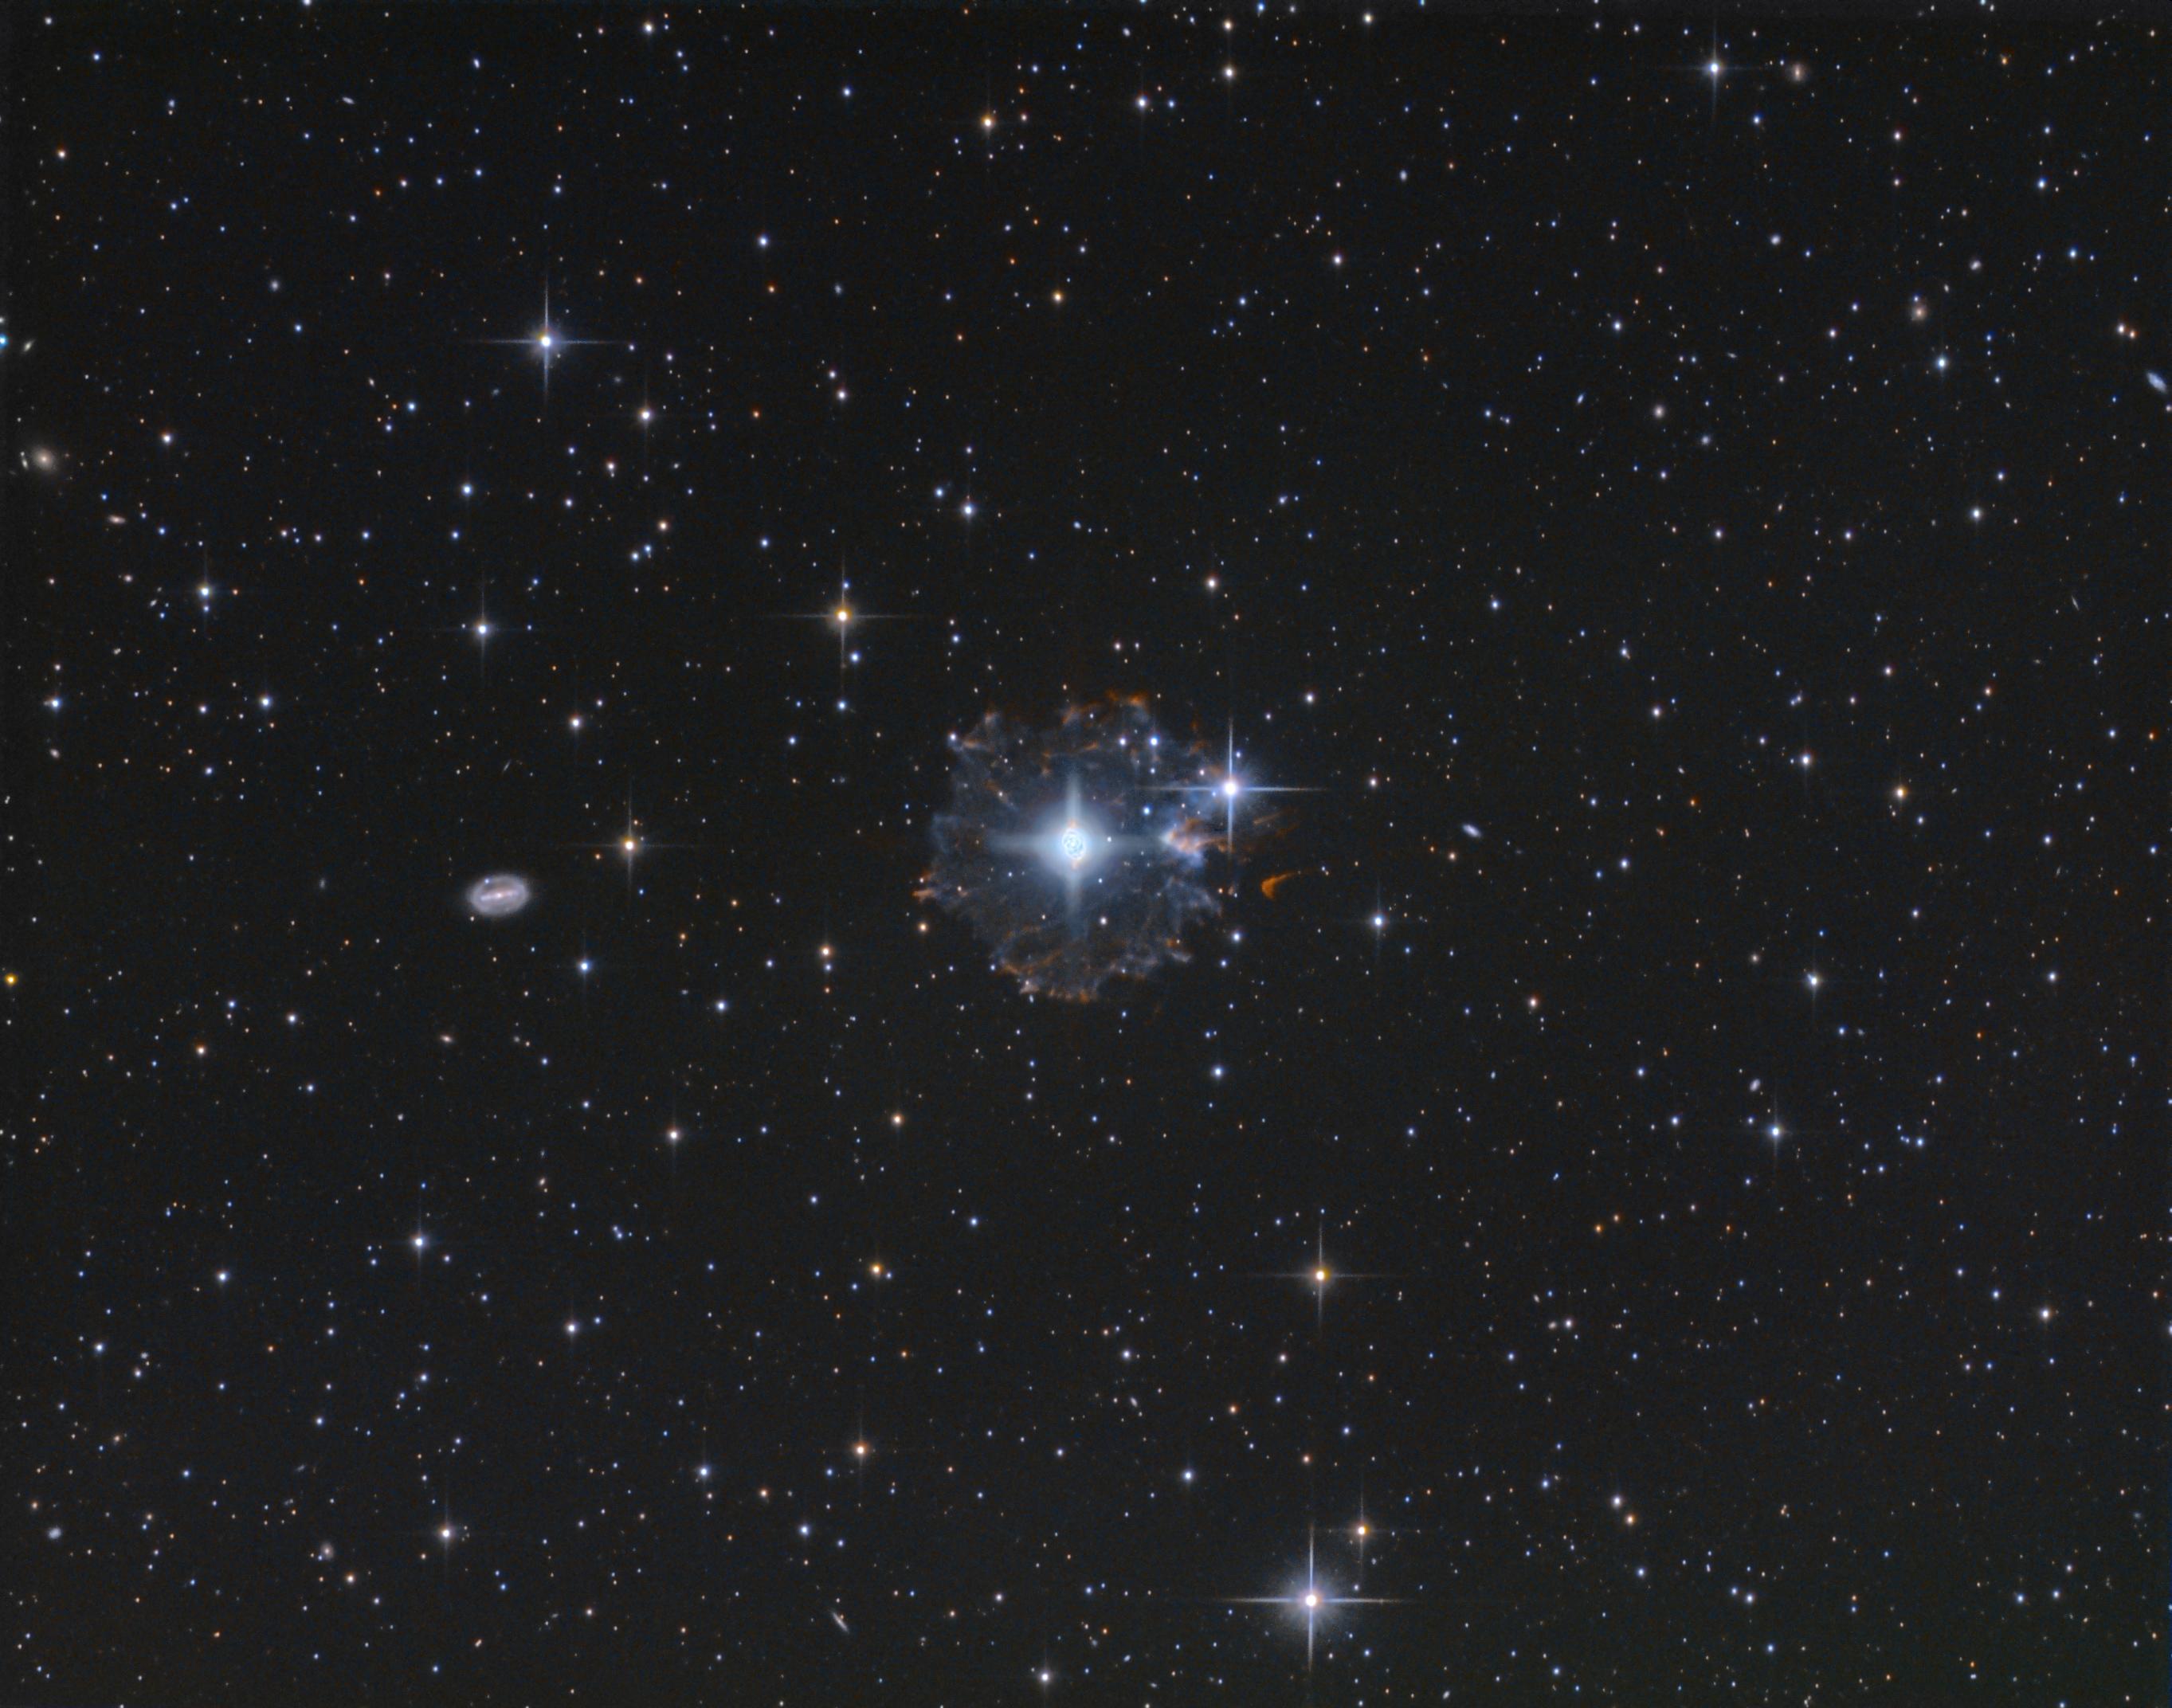 Le flocon du compte à rebours - NGC6543 Picture-1d94309f1309fe75951509e36aebf283-original